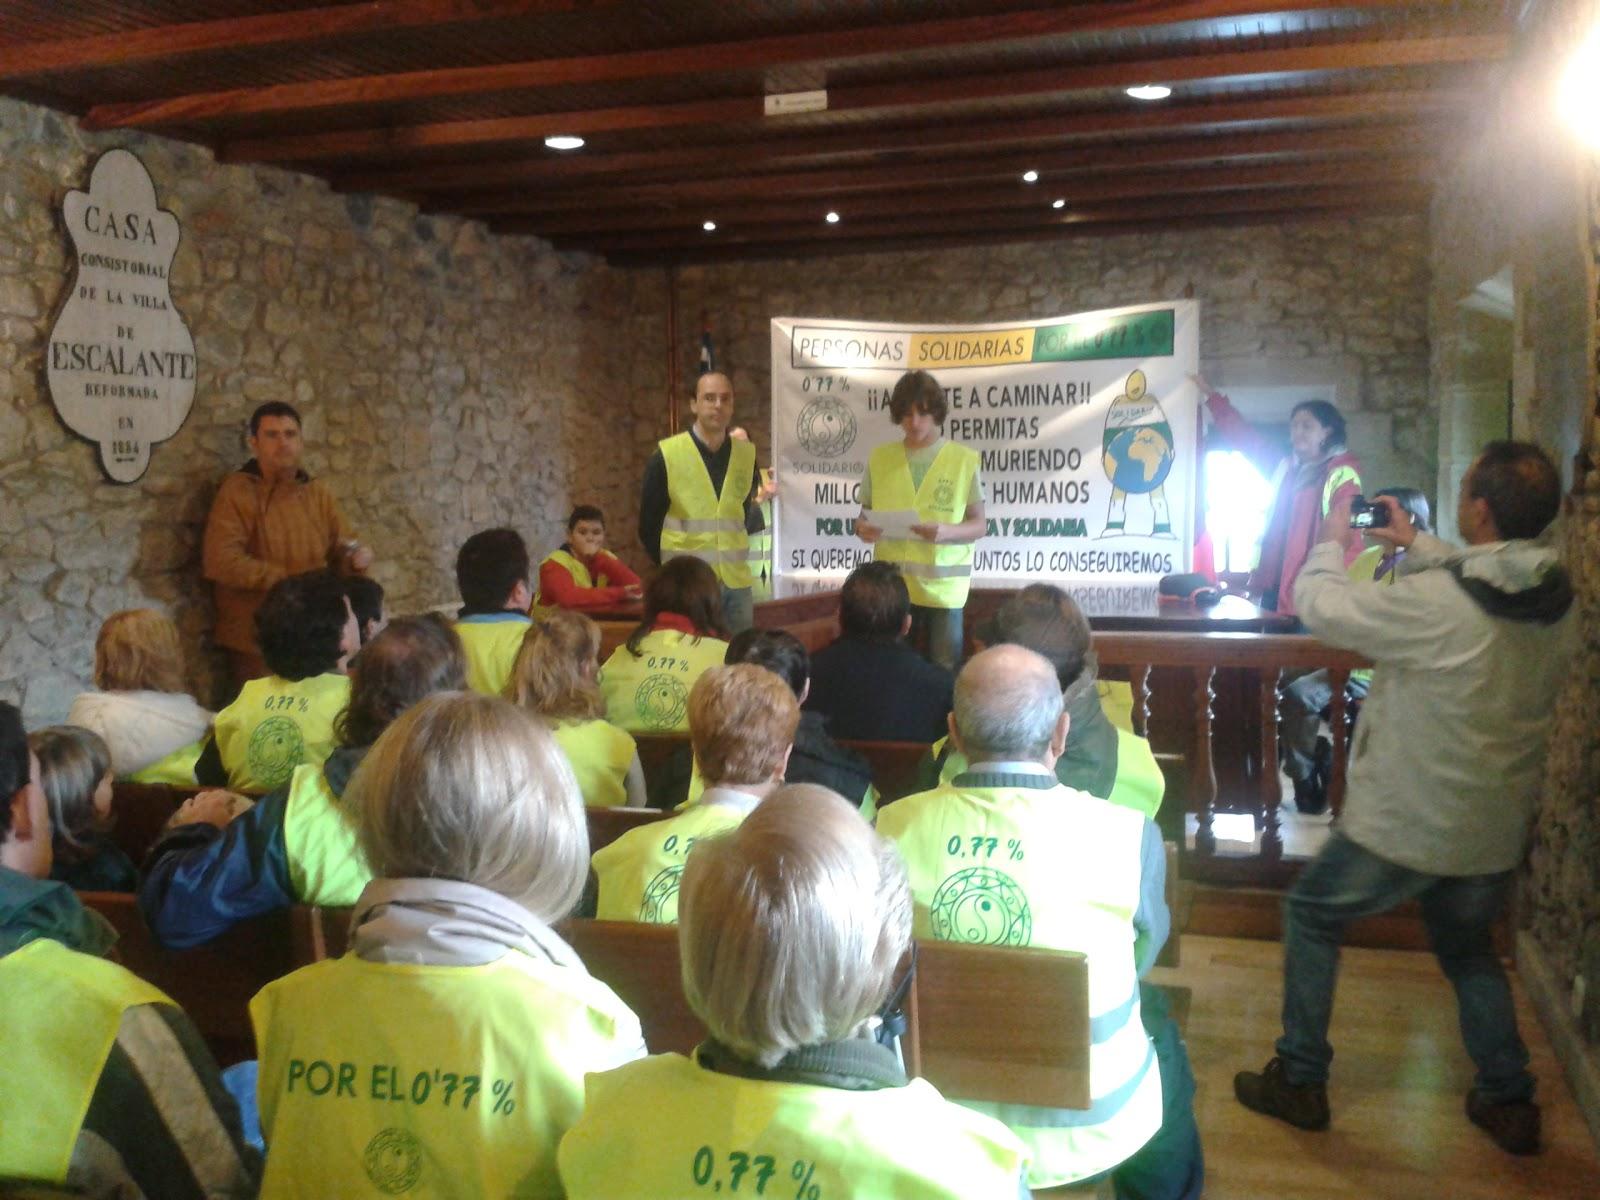 El diario ero iniciativa solidaria 0 77 ayuda a la - Cocina economica santander ...